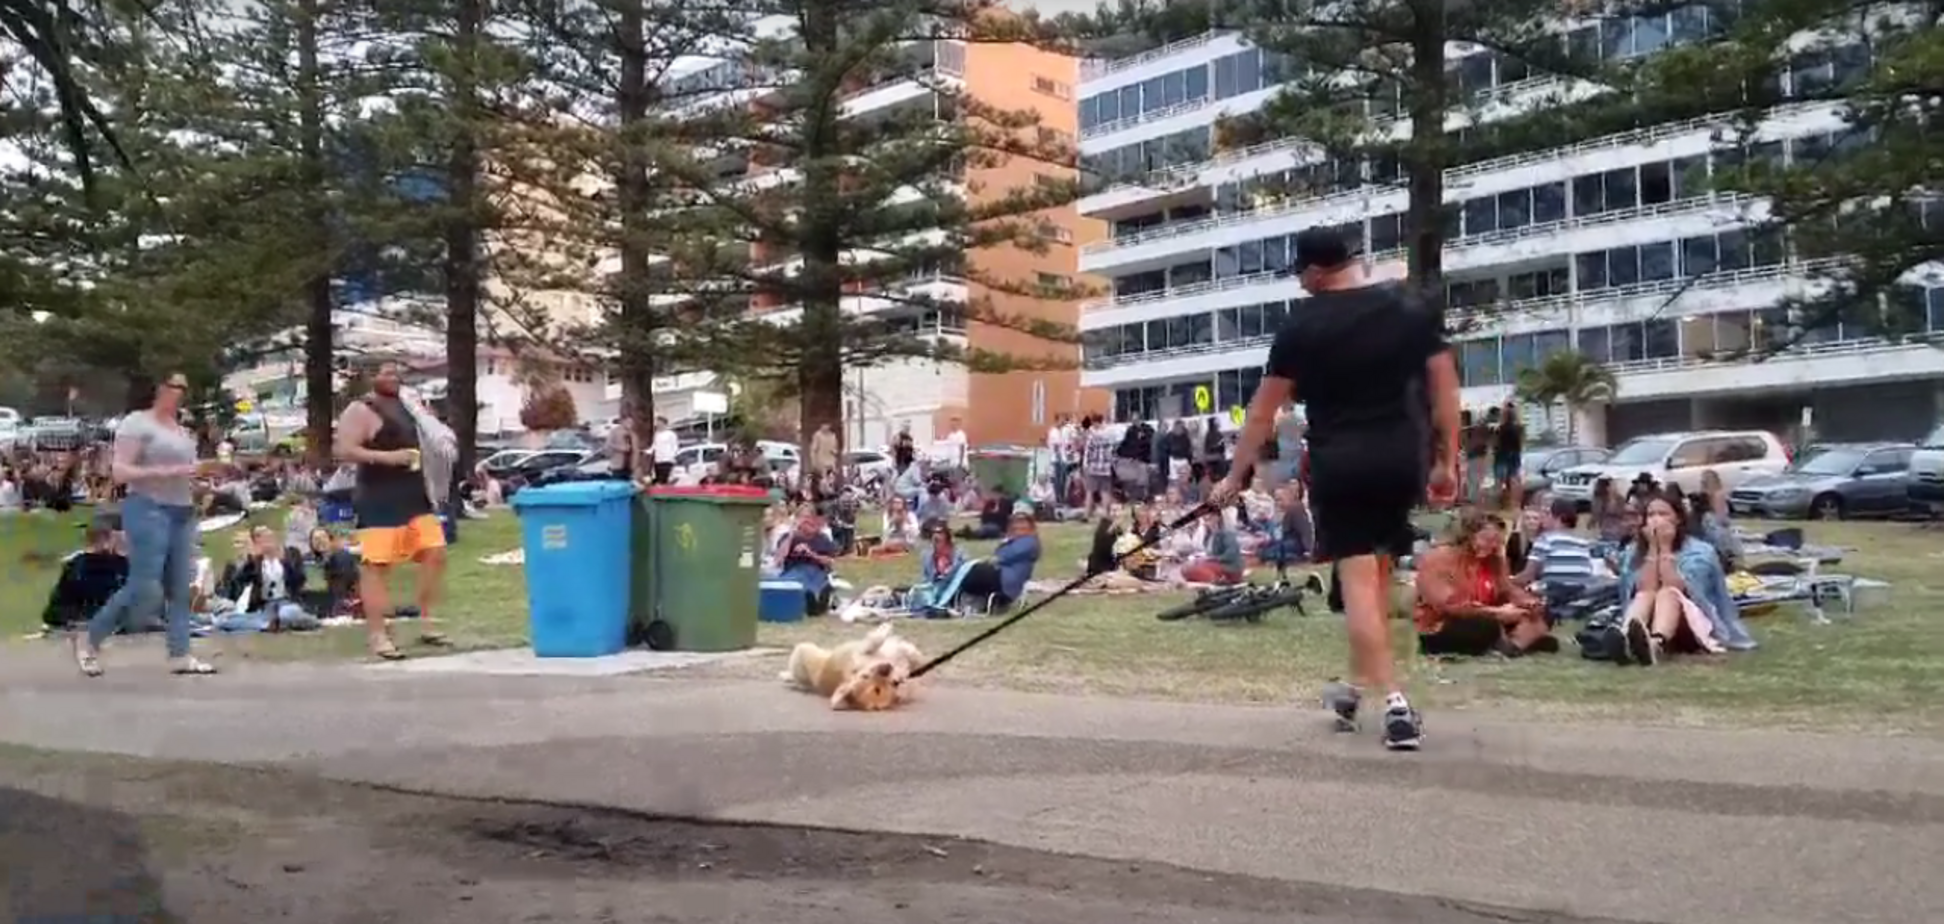 Ленивый пес занял позу 'умри' и стал звездой сети: уморительное видео